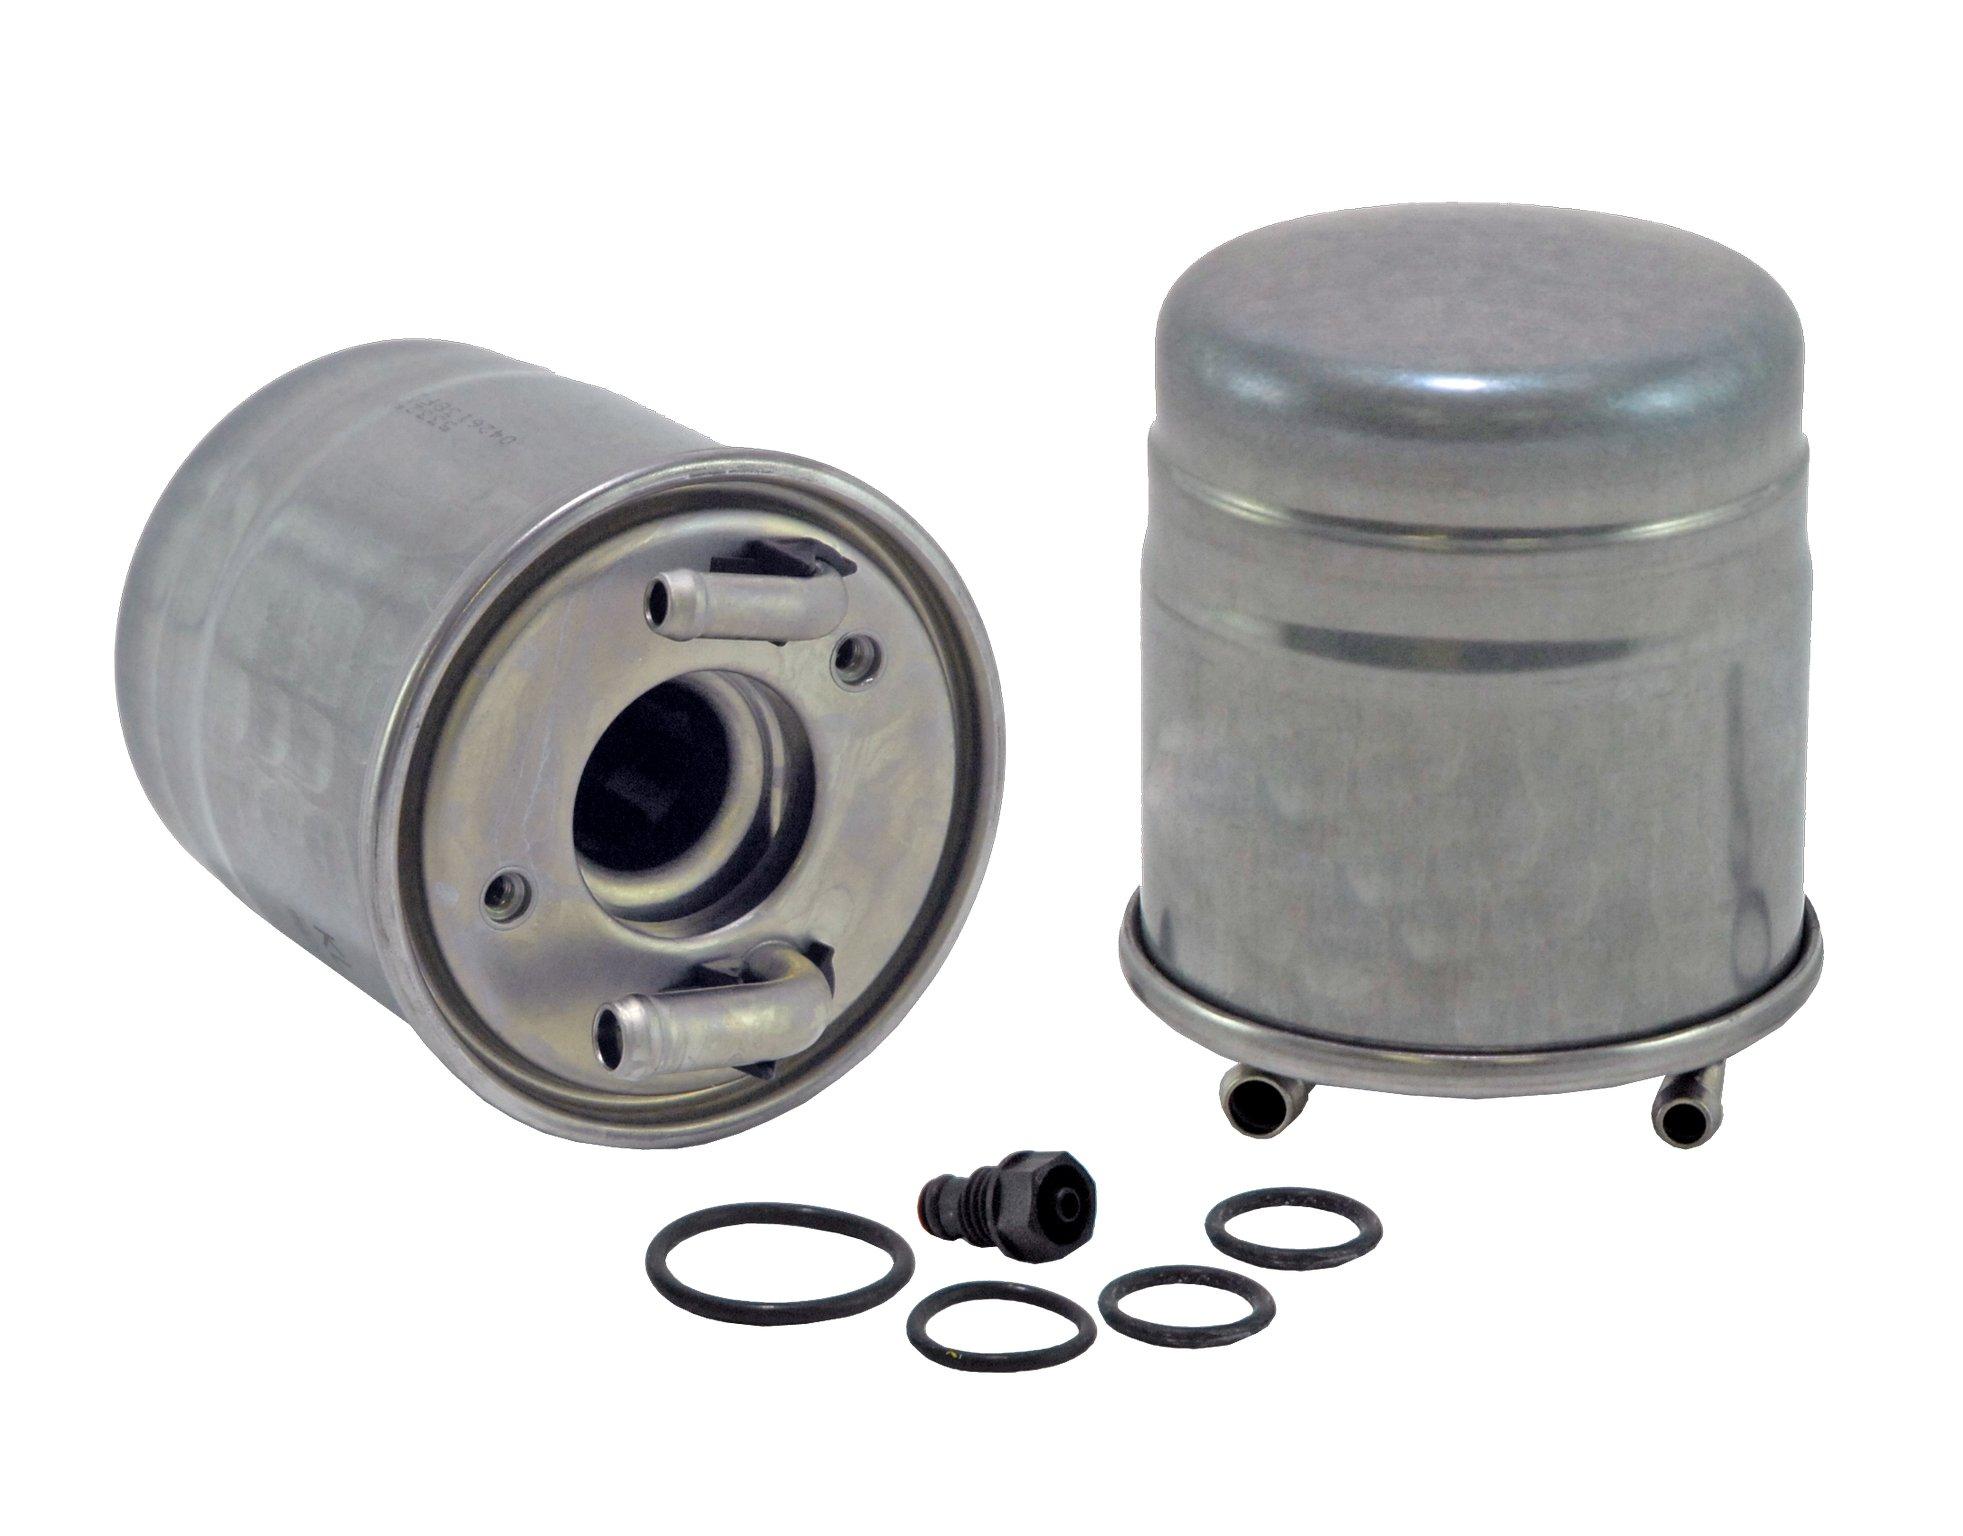 2013 Mercedes-Benz E350 Fuel Filter WF 33250